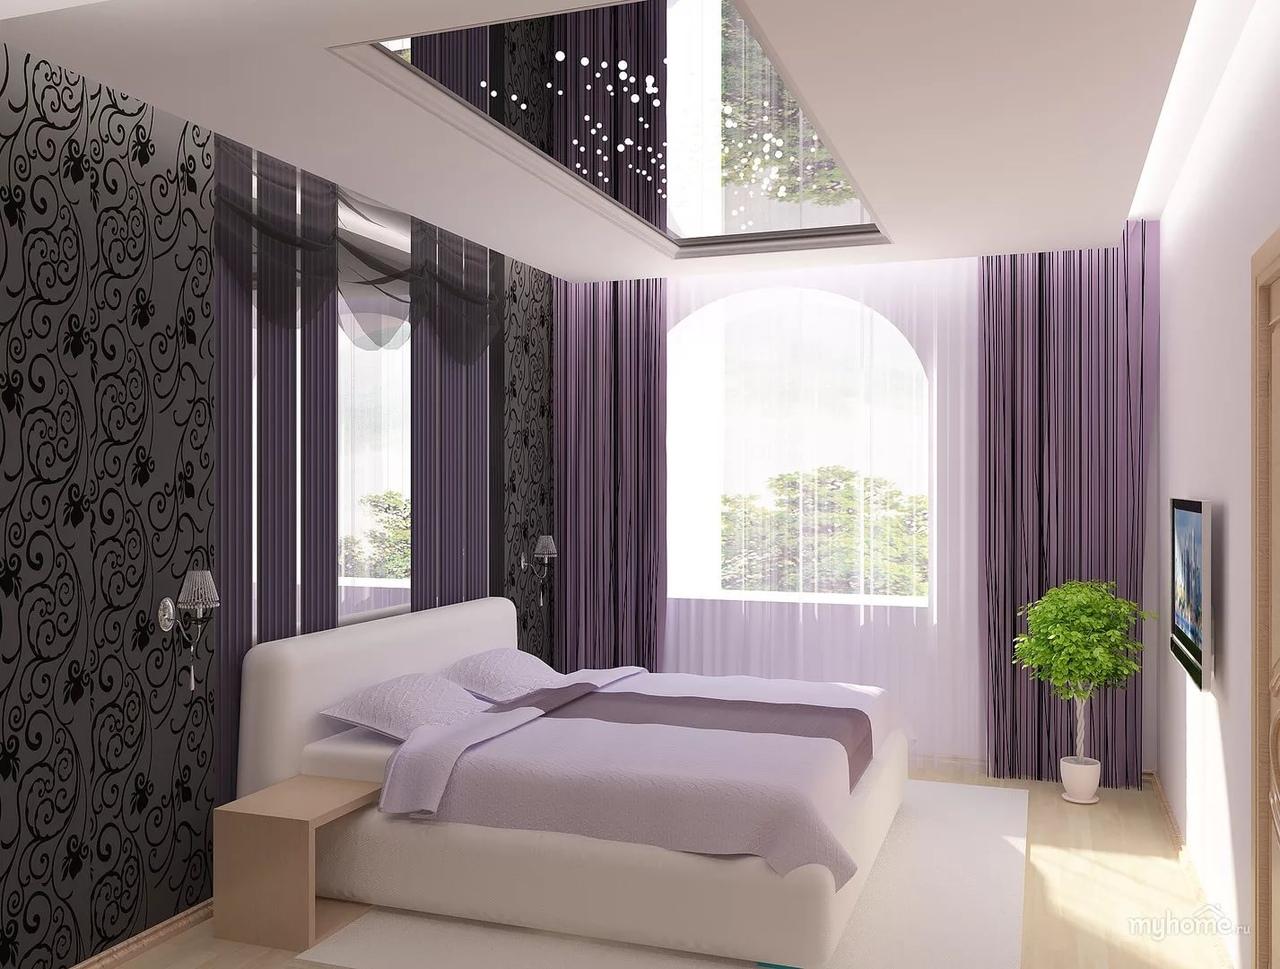 Спальный гарнитур для маленькой спальни (45 фото): как расставить мебель, расстановка